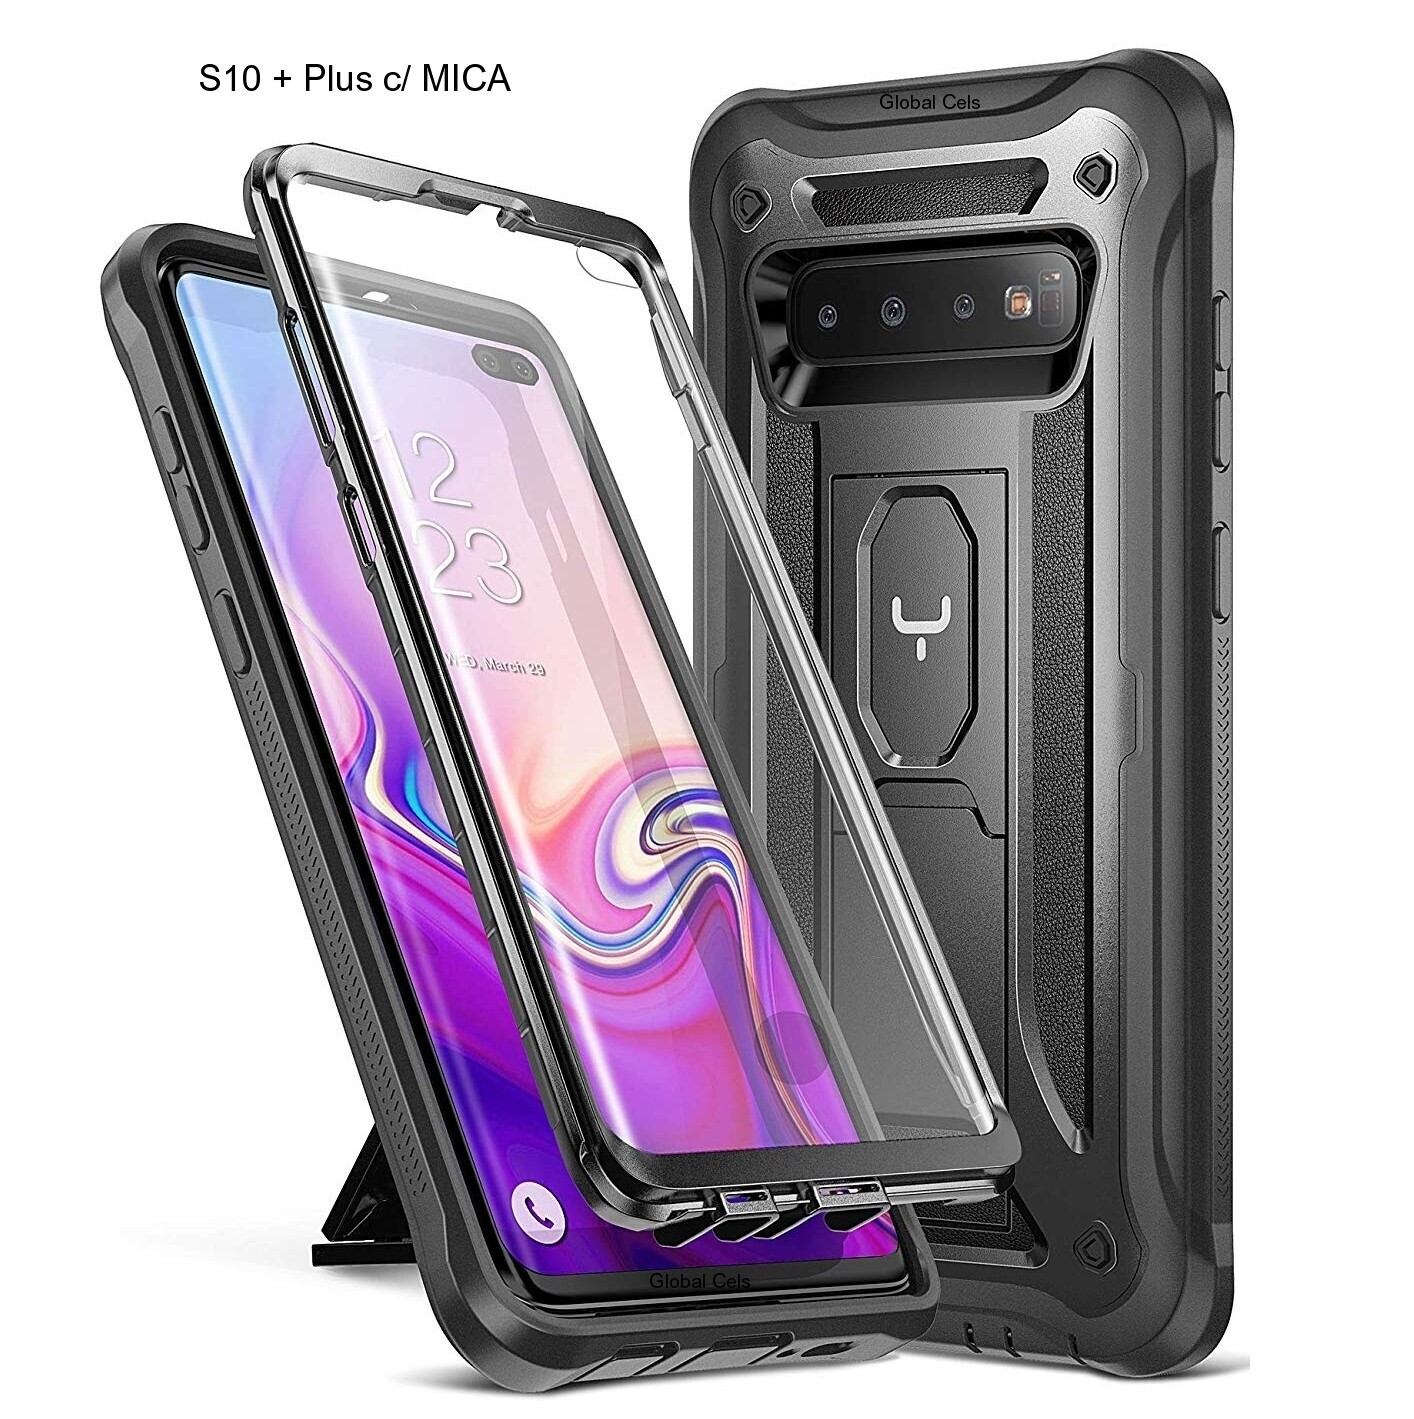 Case Galaxy S10 Plus 6.4 2019 c/ Mica Especial Integrada Carcasa Antigolpes c/ Parador Vertical y Horizontal